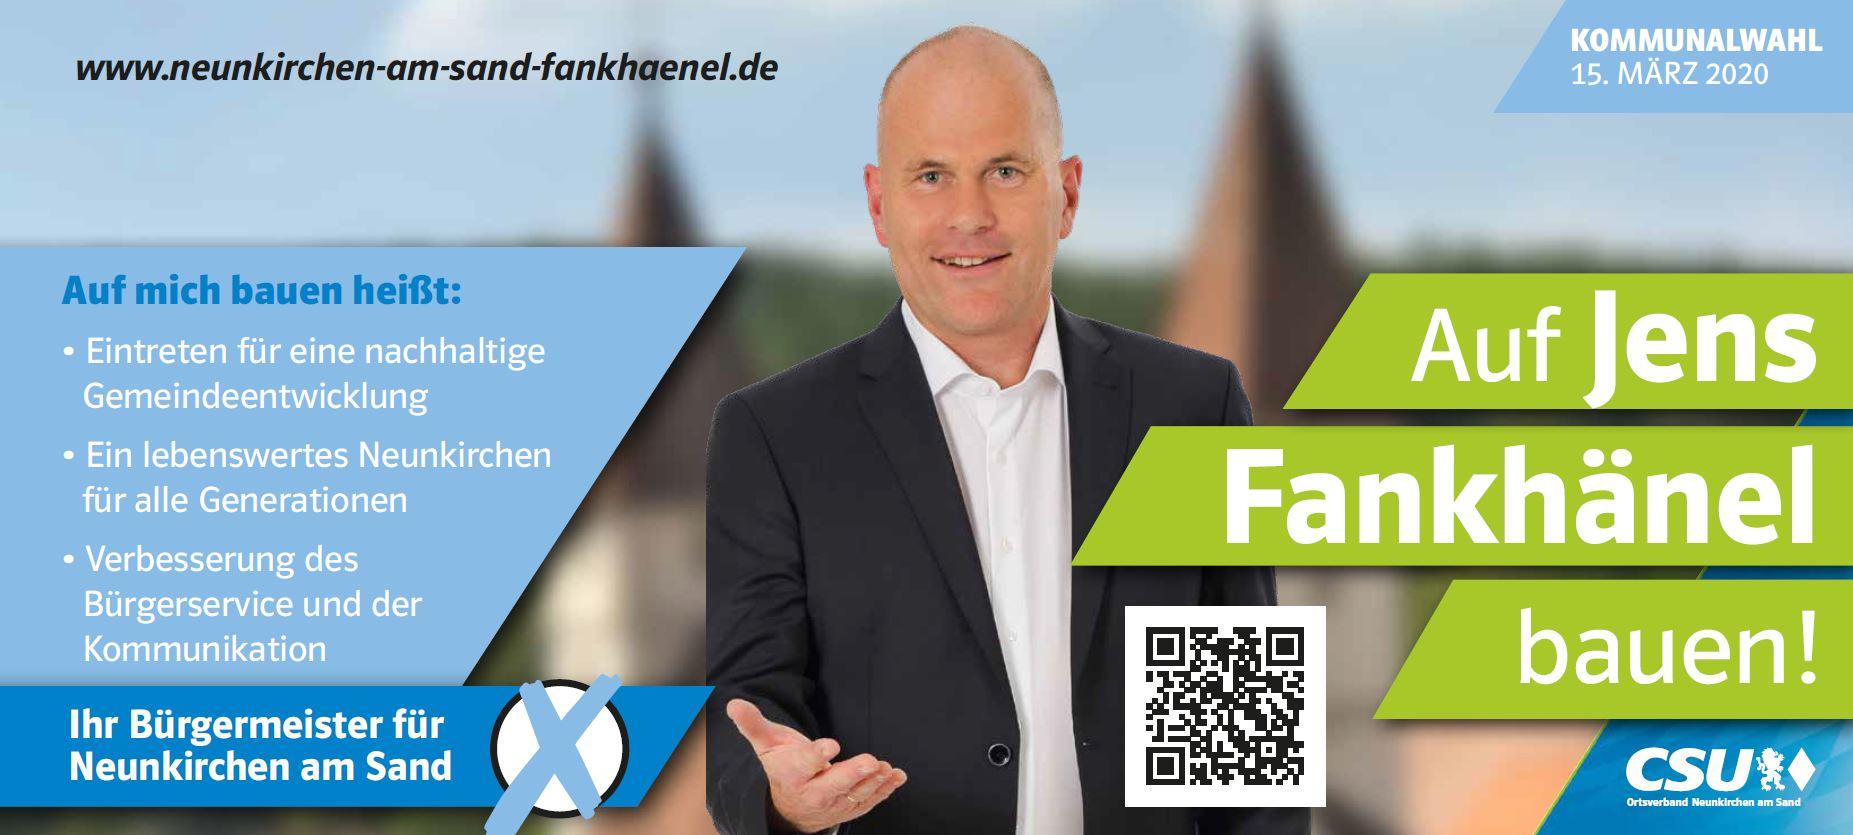 Anzeige Auf Jens Fankhänek bauen